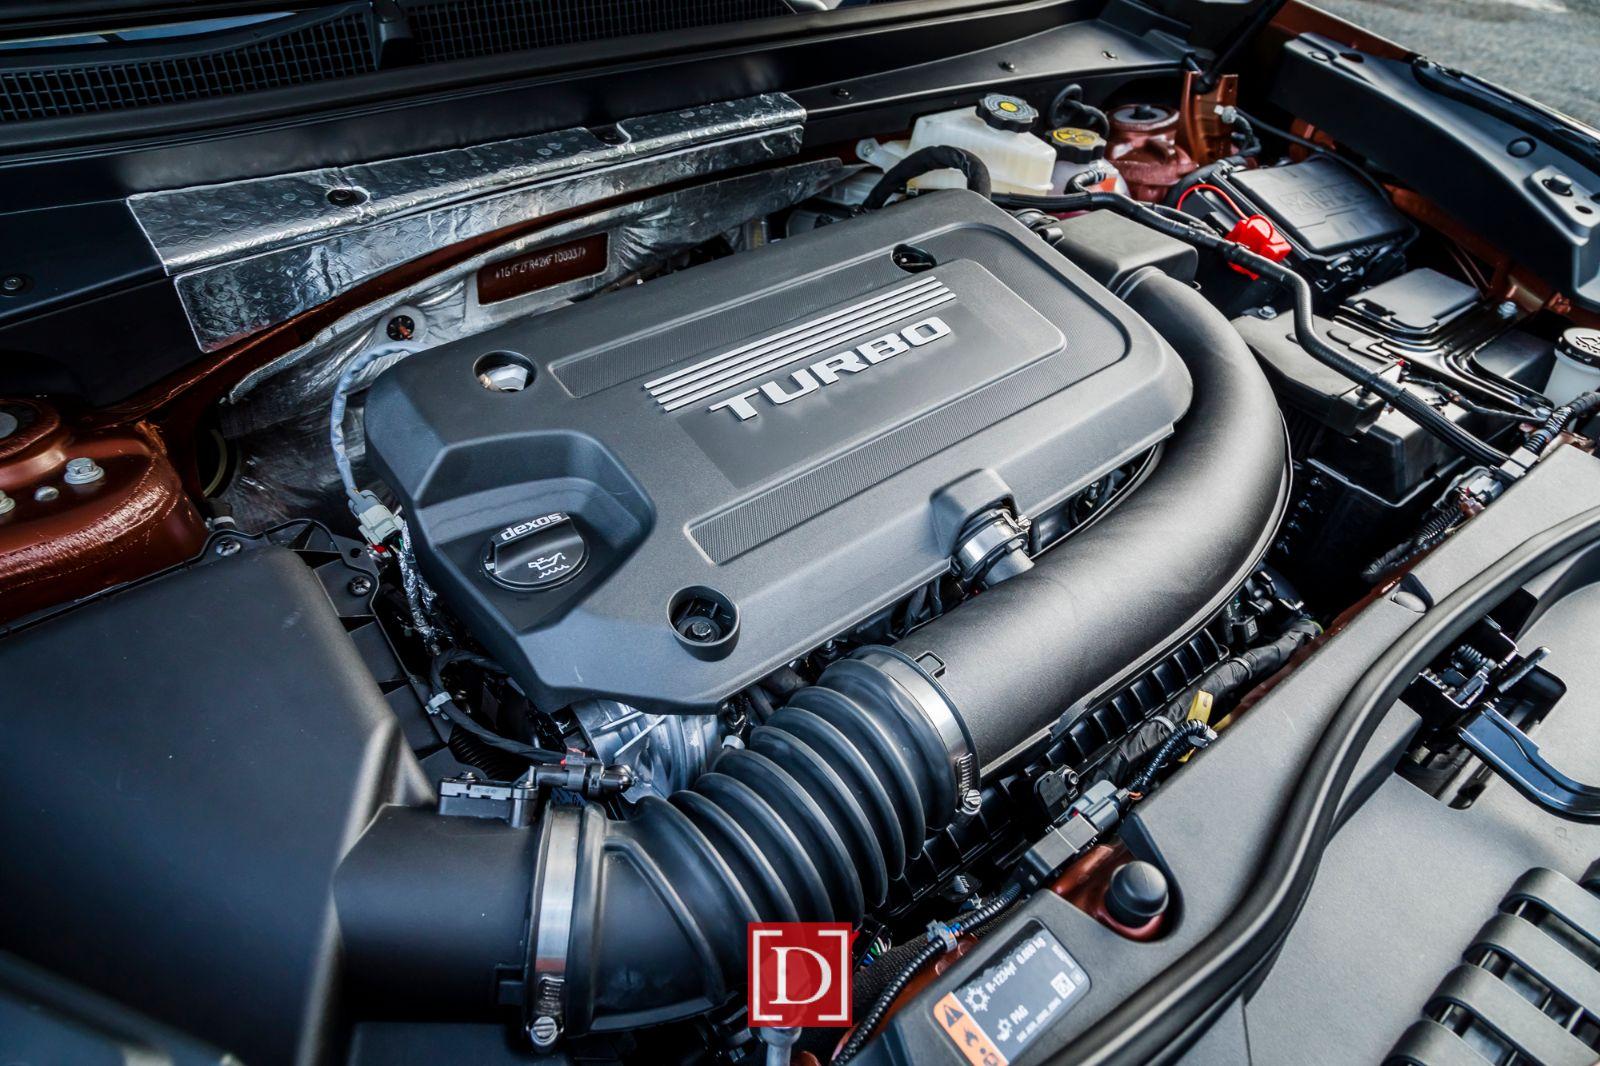 All-new 2.0L Turbo engine